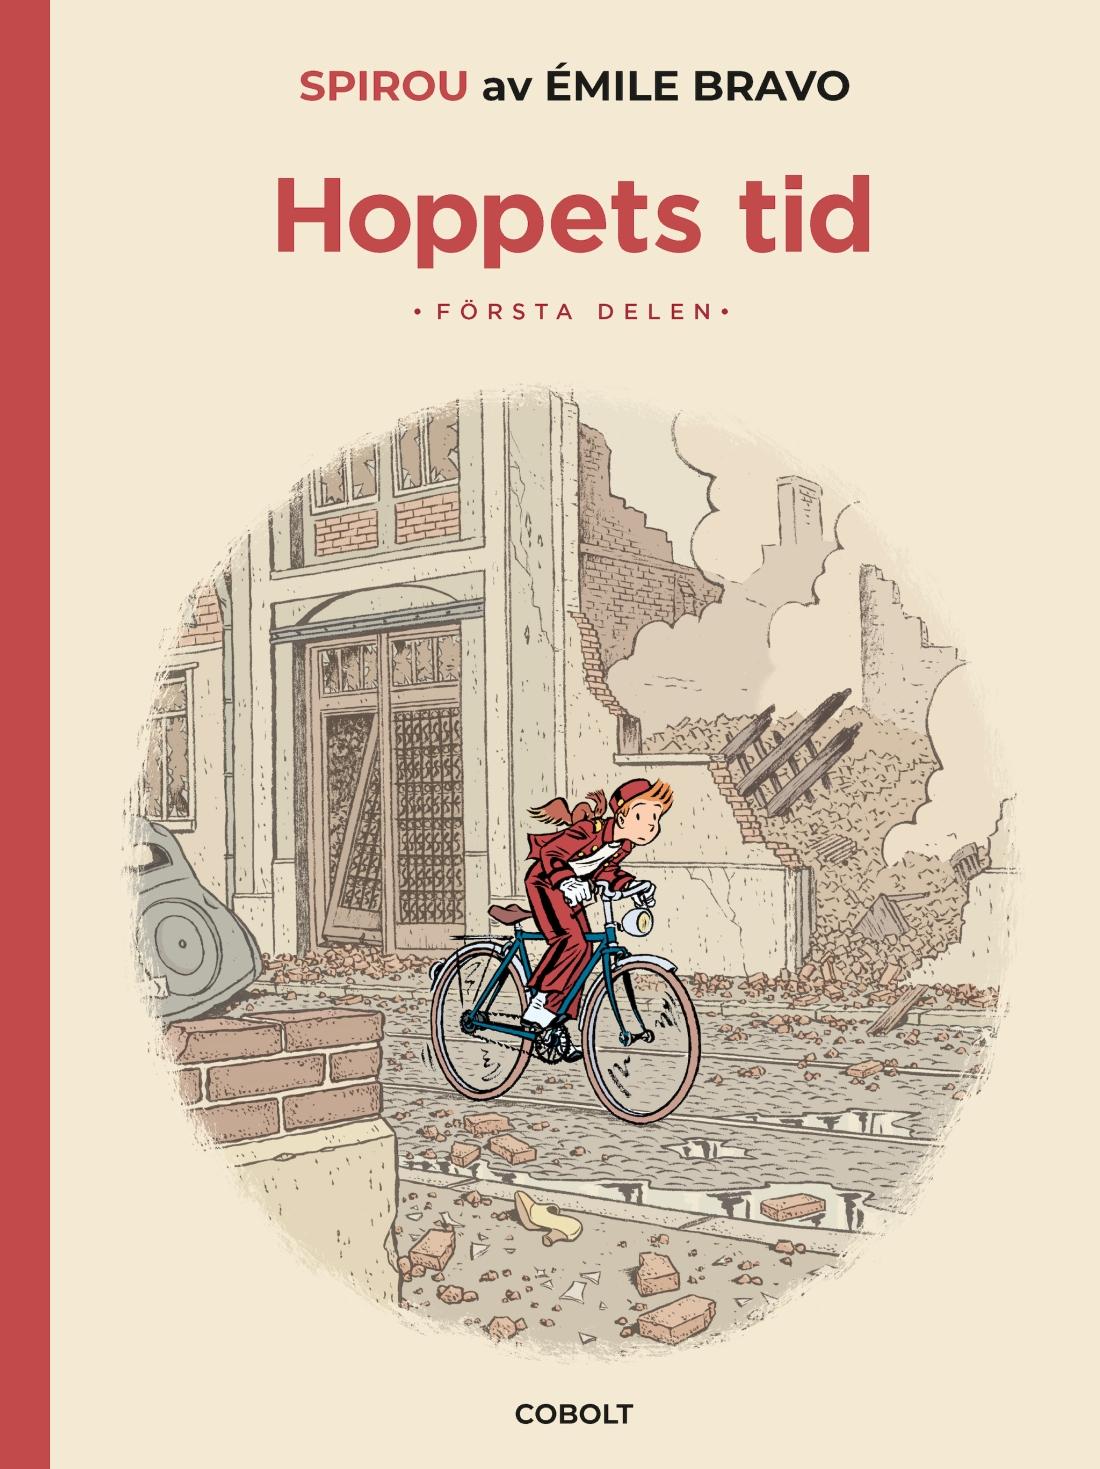 Spirou - Hoppets tid 1 - omslag